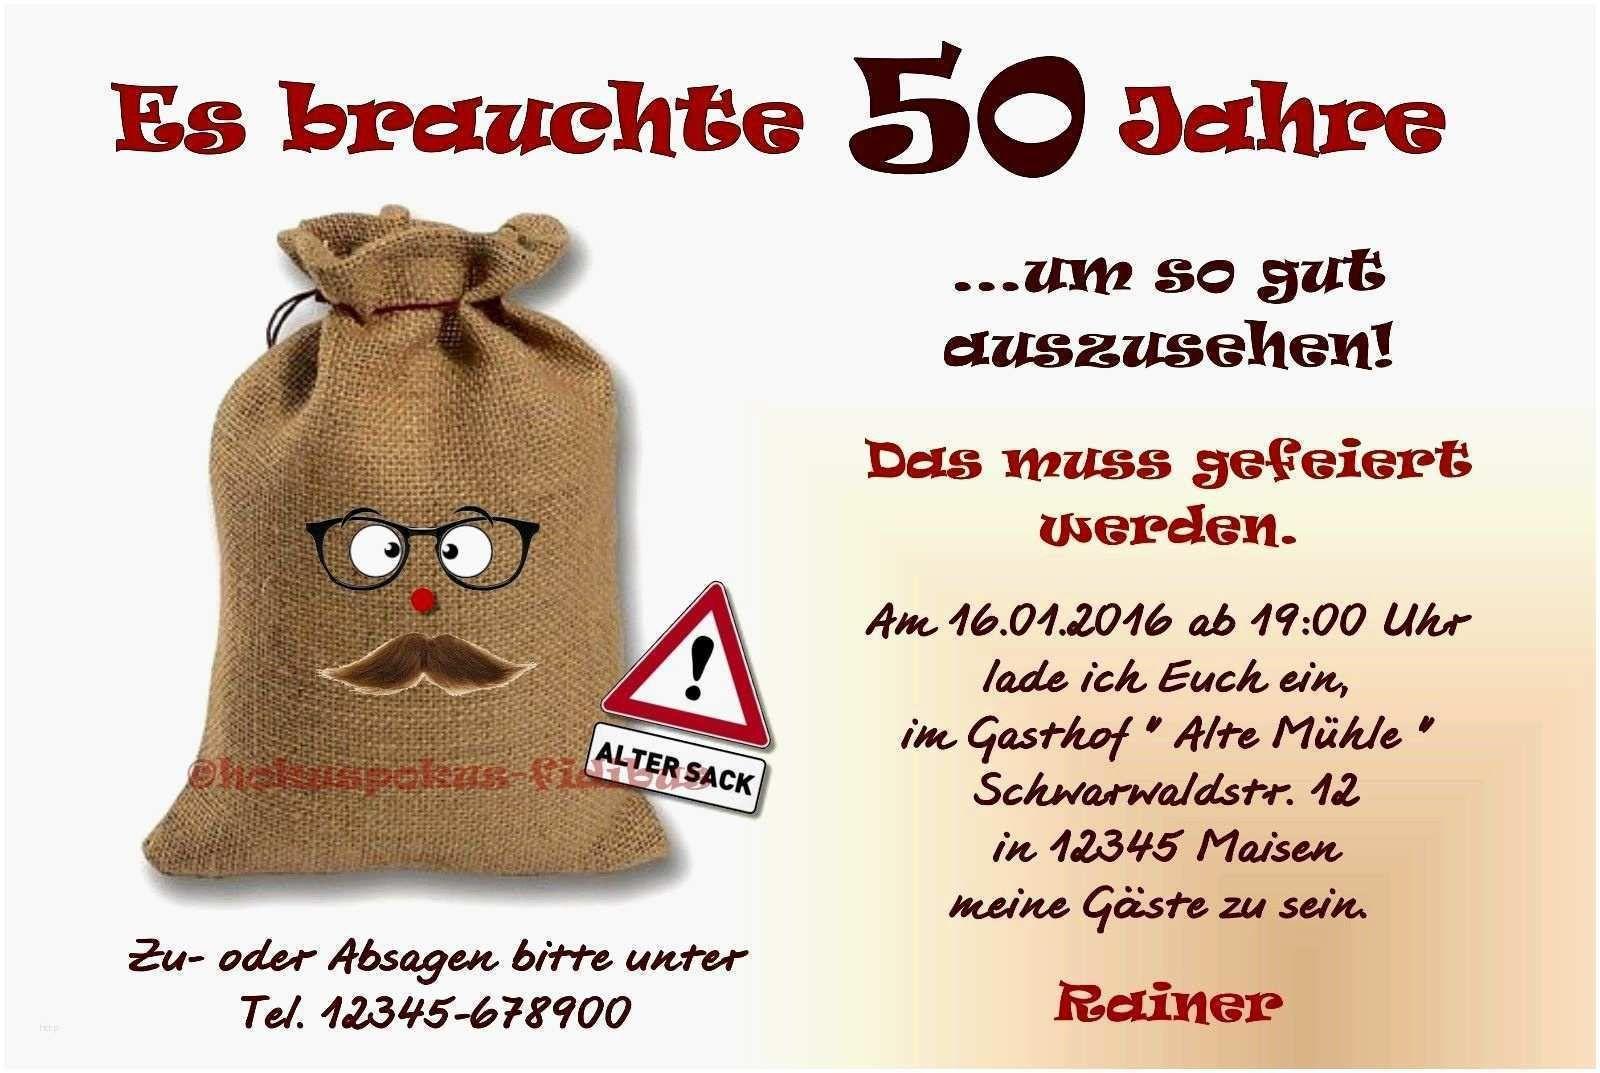 Einladung 50 Geburtstag Originell Einladung 50 Geburtstag